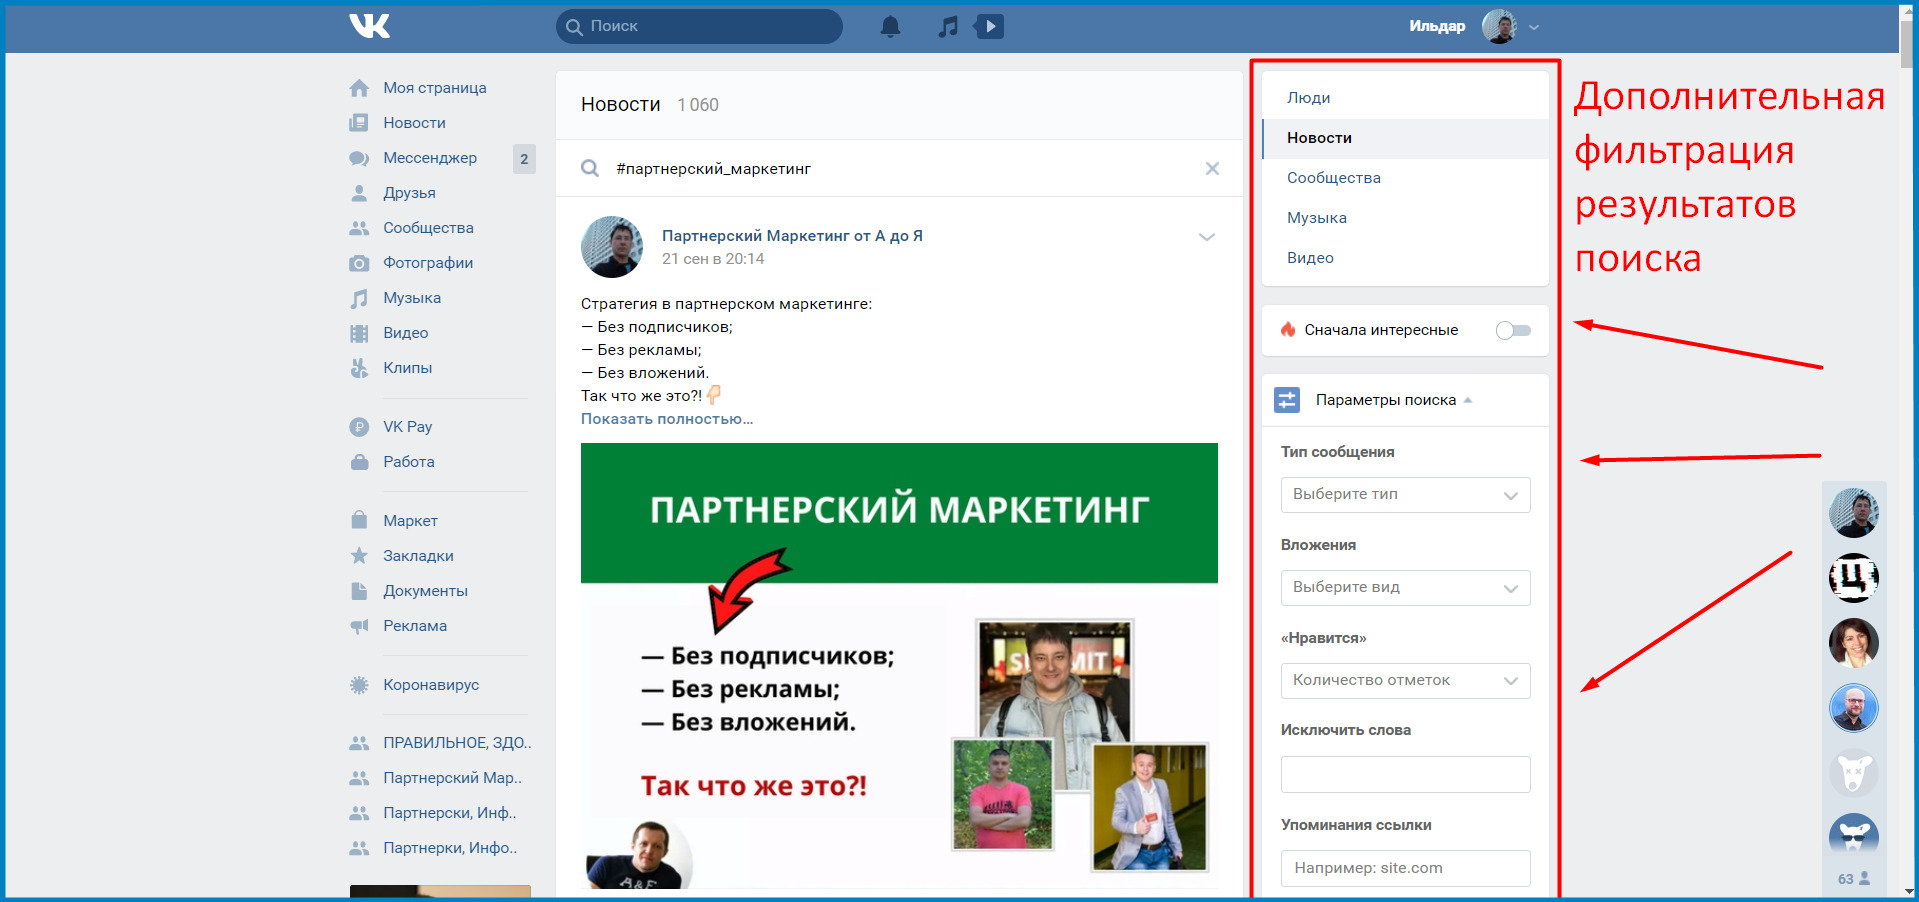 Дополнительные фильтры по результатам поиска по хештегам ВКонтакте